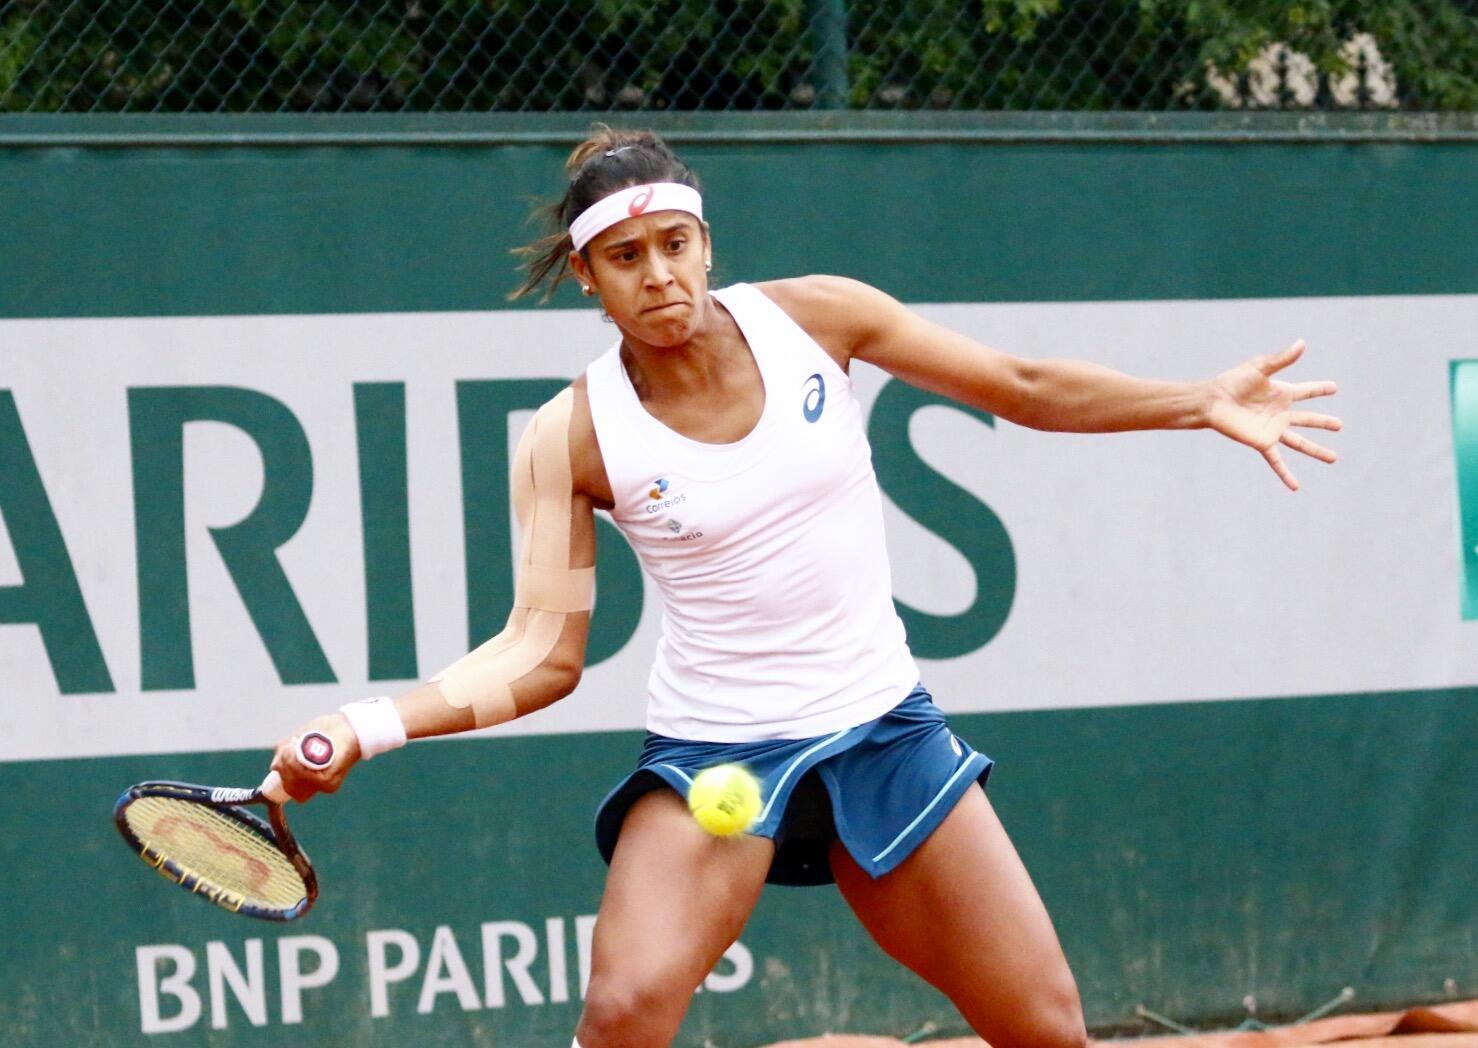 Teliana Pereira (foto) vence Krystina Pliscova e enfrentará Serena Williams em Roland-Garros